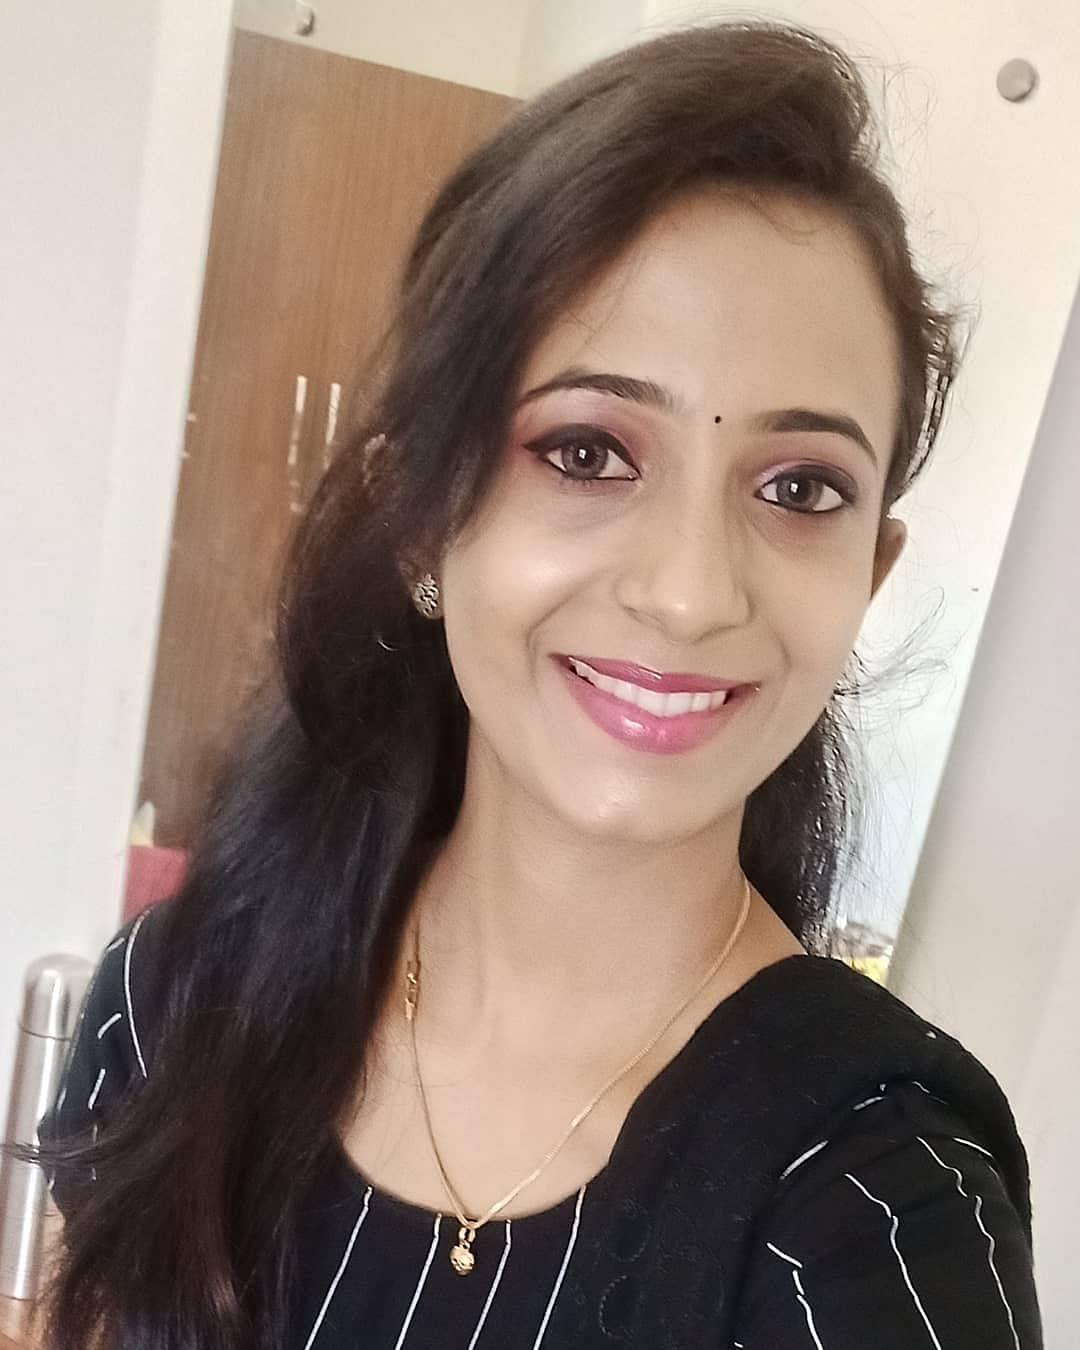 ஜெயசக்தி